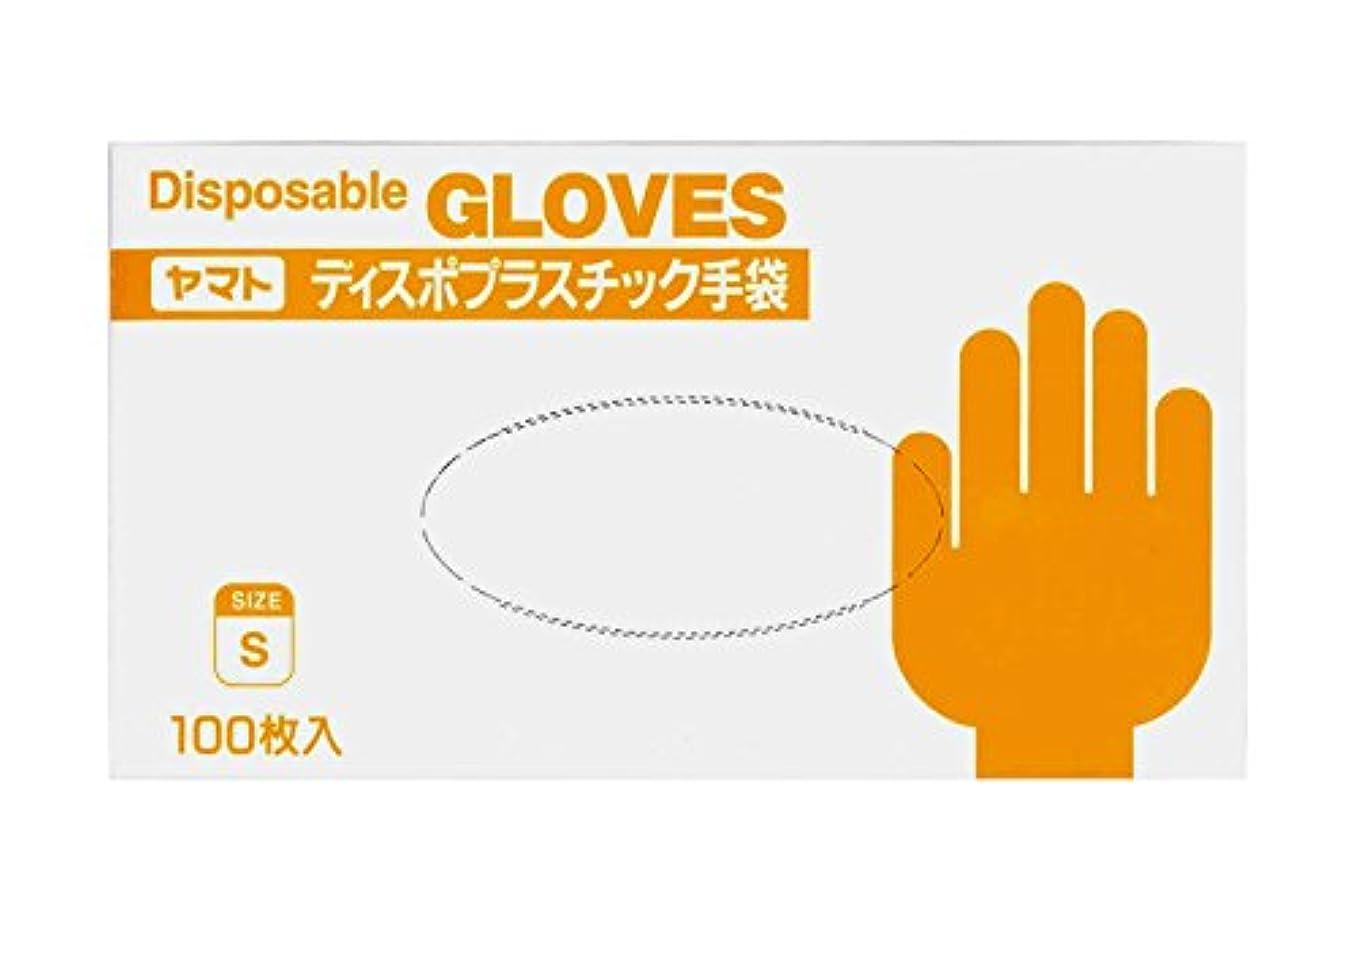 掃く有能な確認ヤマト ディスポプラスチック手袋 S 100枚入